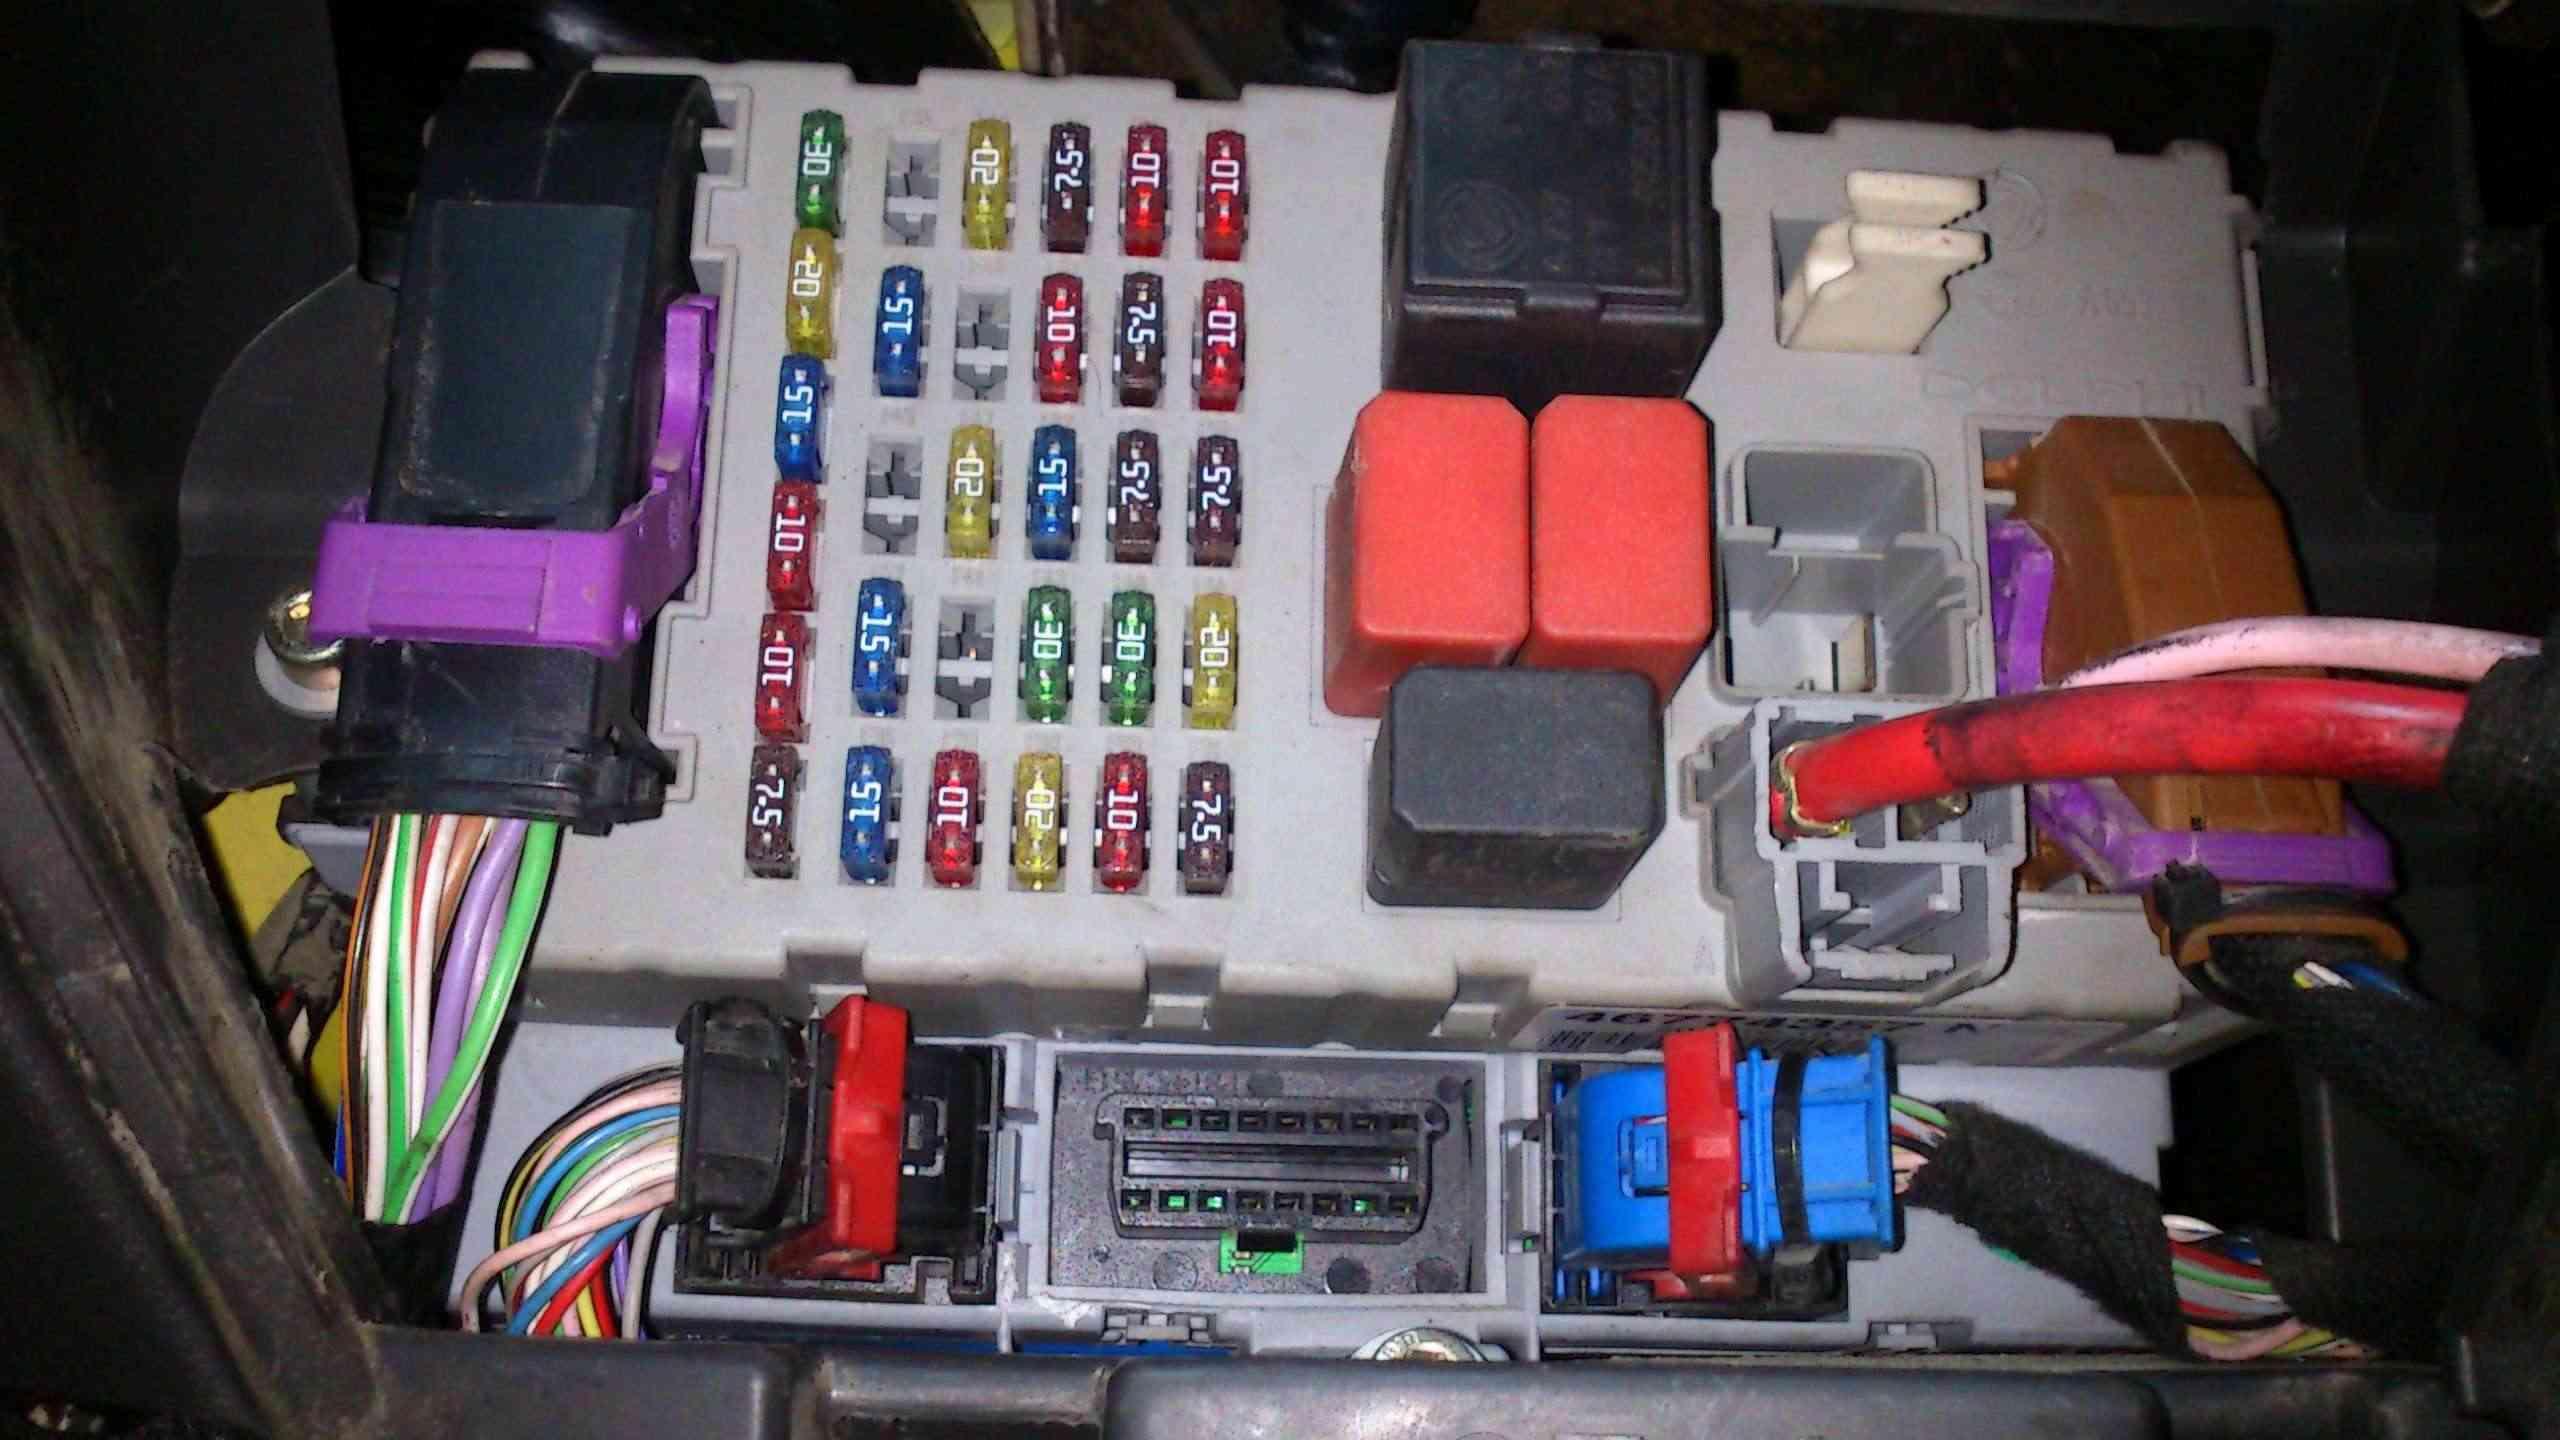 Schema Elettrico Fiat F Serie : Schema elettrico chiusura centralizzata fiat punto serie